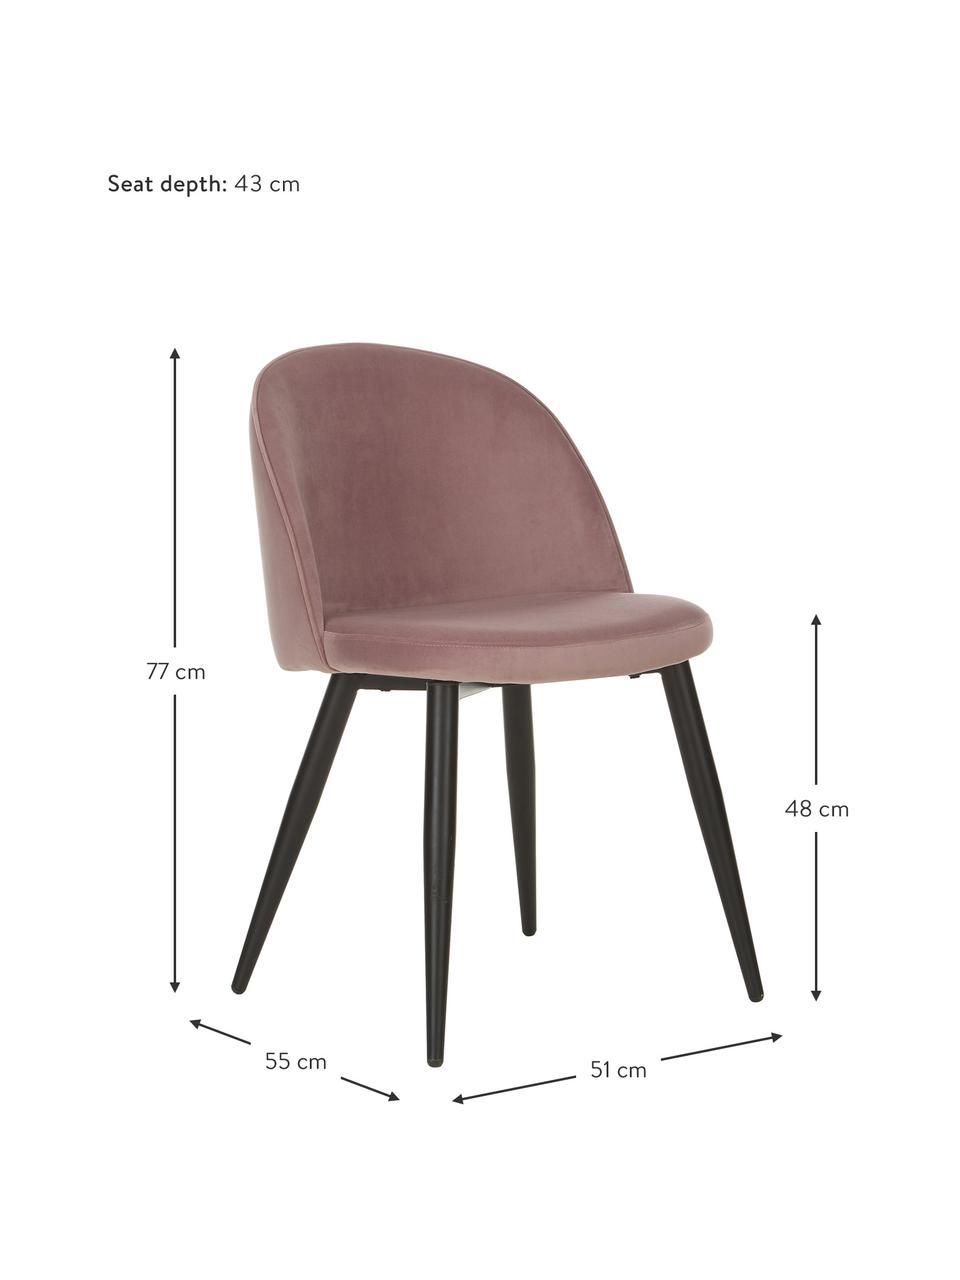 Krzesło tapicerowane z aksamitu Amy, 2 szt., Tapicerka: aksamit (poliester) Dzięk, Nogi: metal malowany proszkowo, Blady różowy, S 51 x G 55 cm